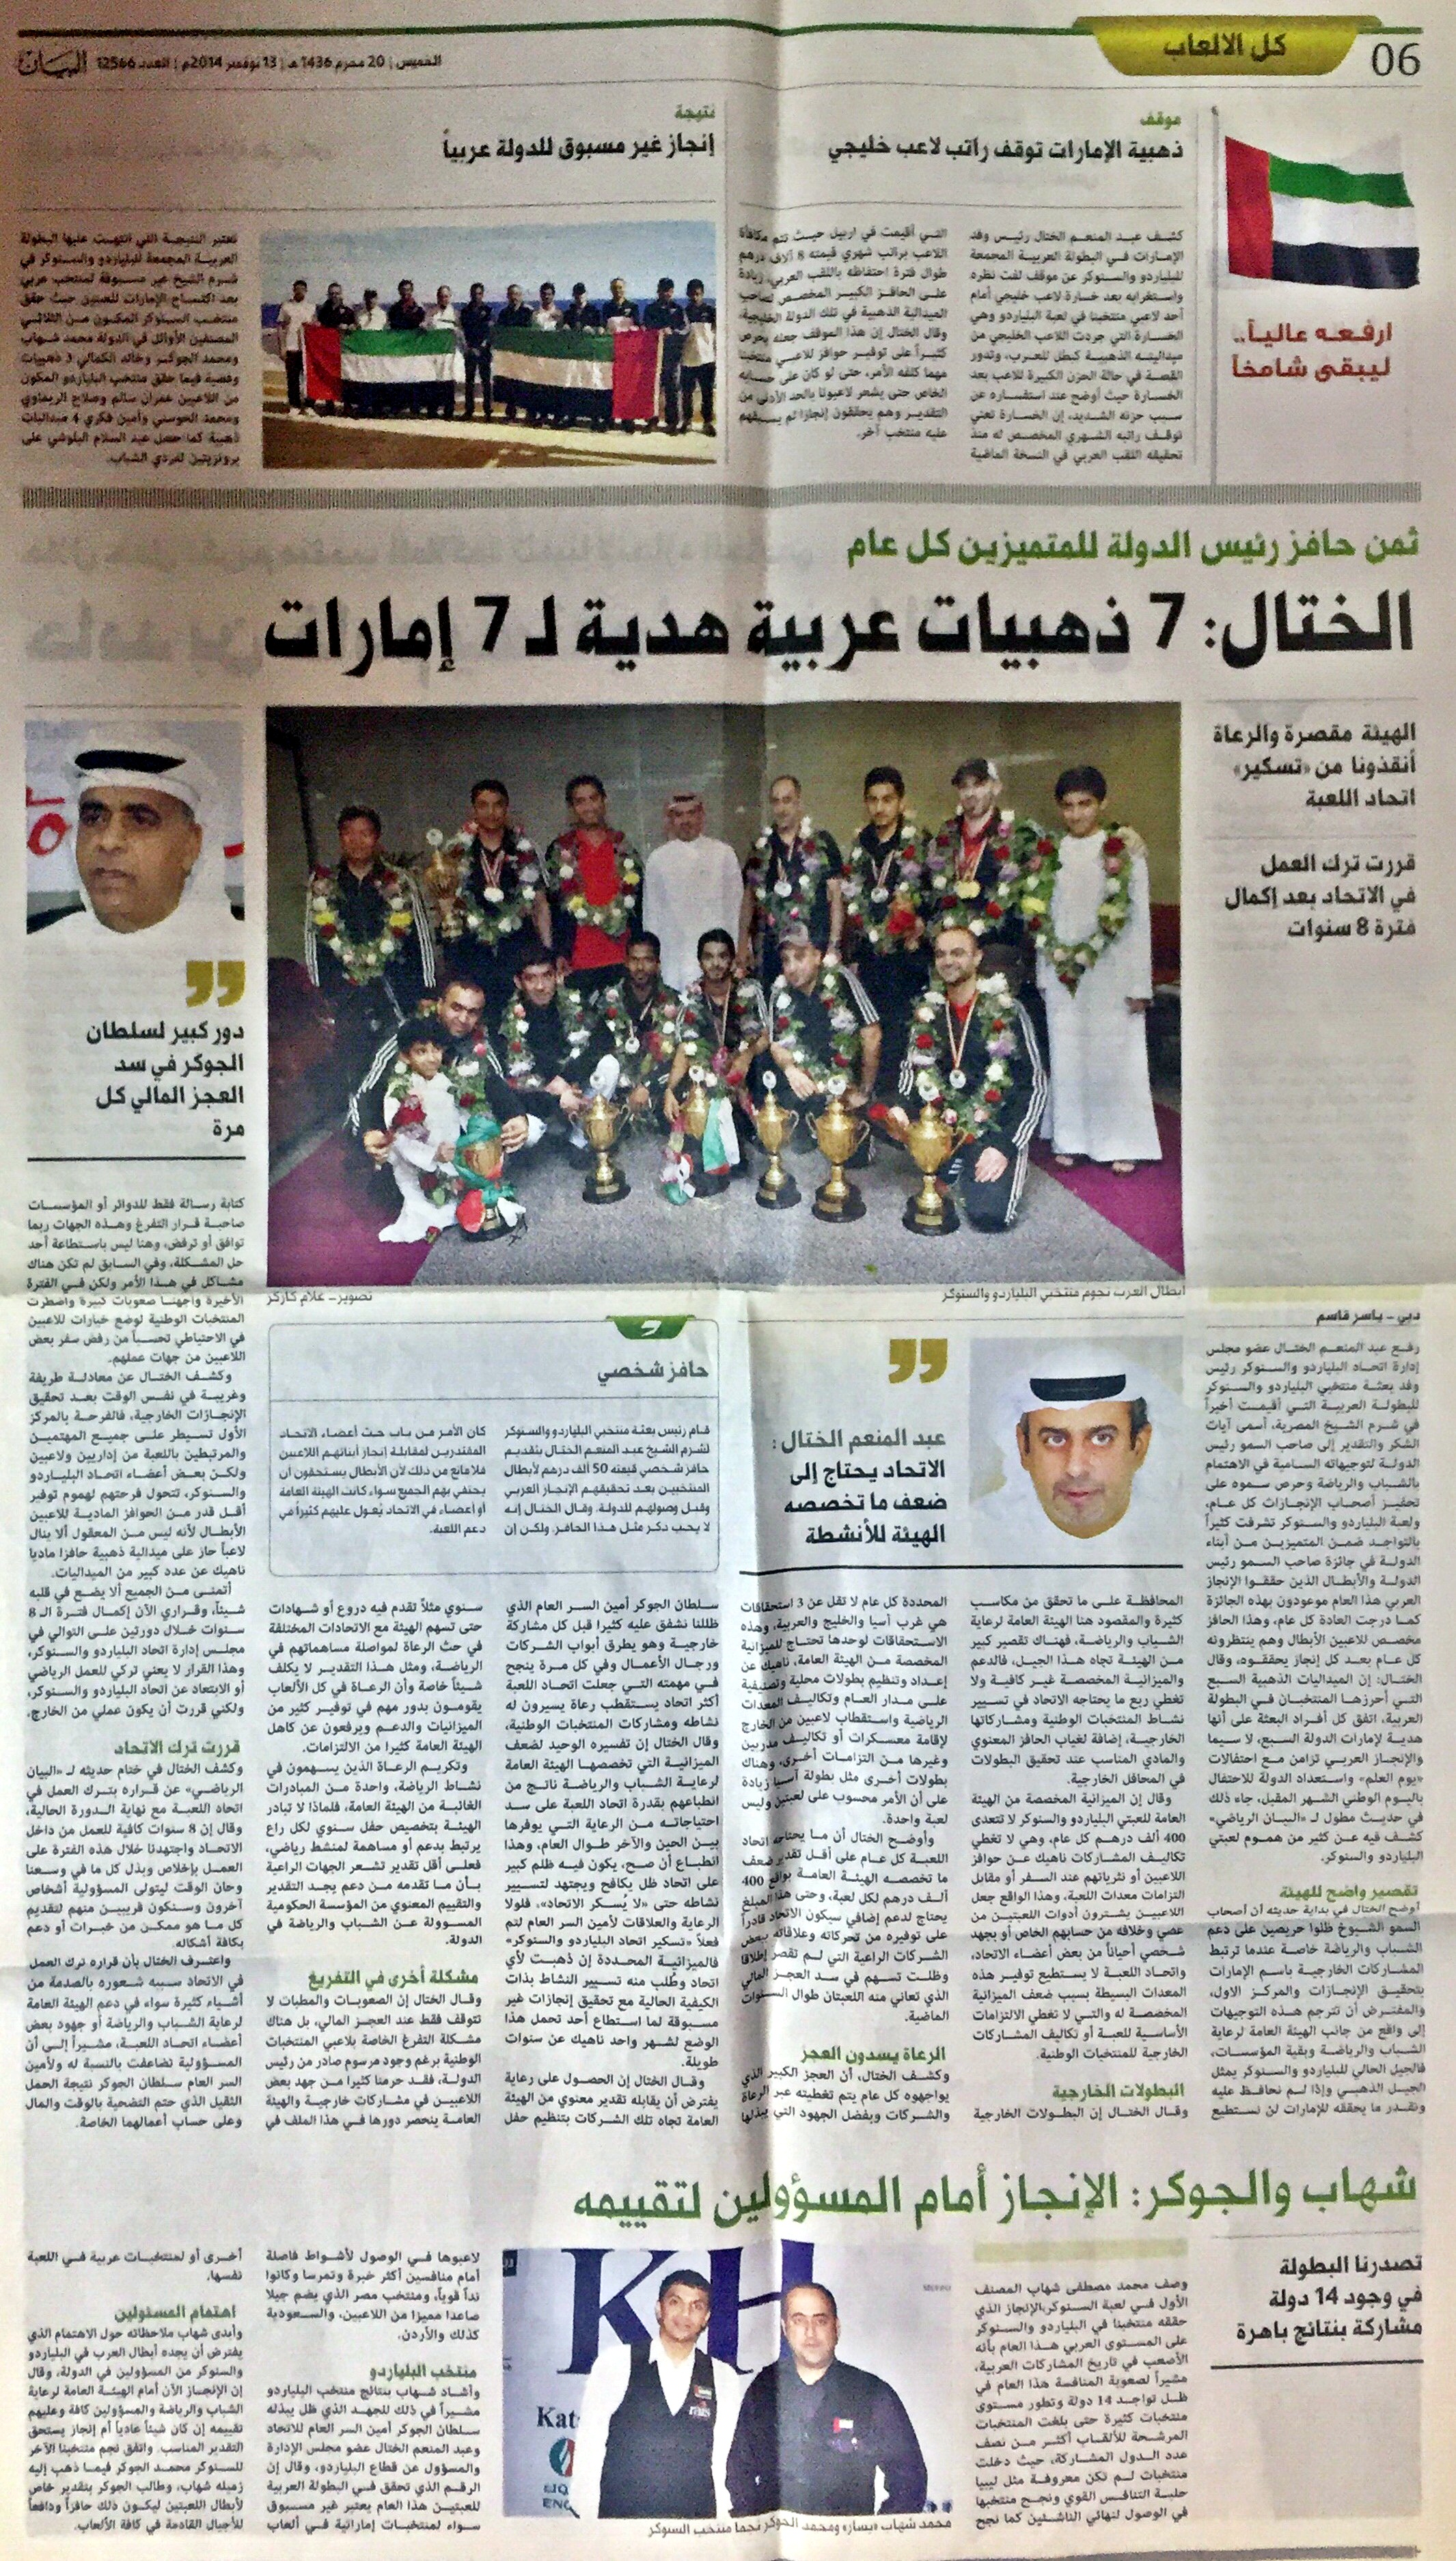 7 ذهبيات عربية هدية ل 7 امارات